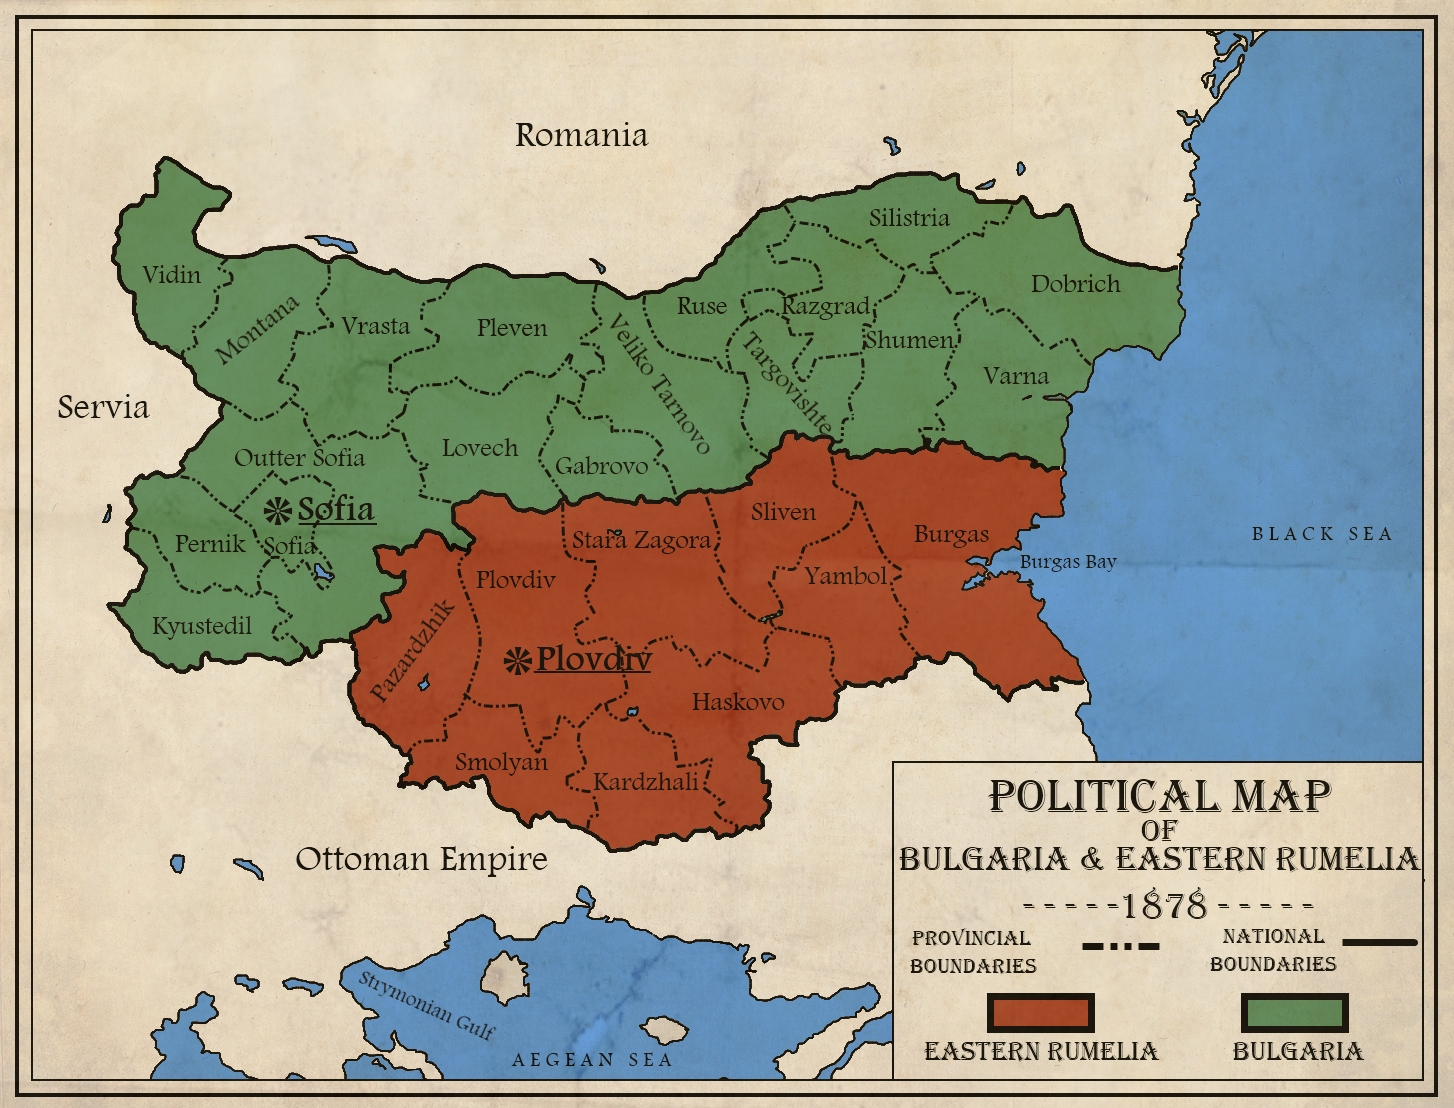 01 bulgaria and eastern rumelia 1878.jpg